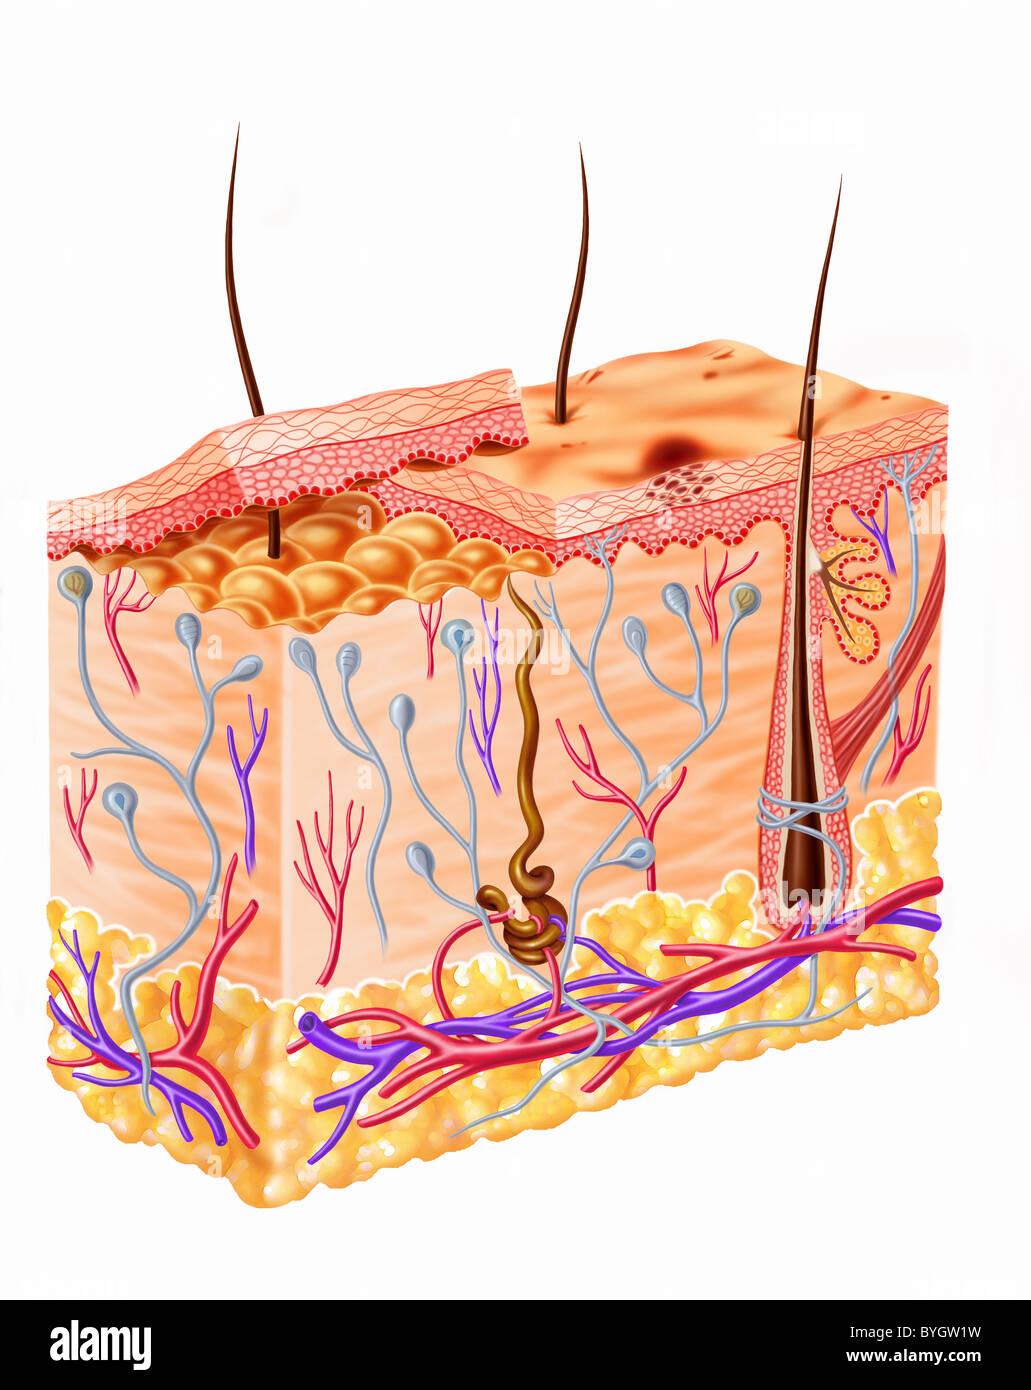 La pelle umana schema sezione Immagini Stock